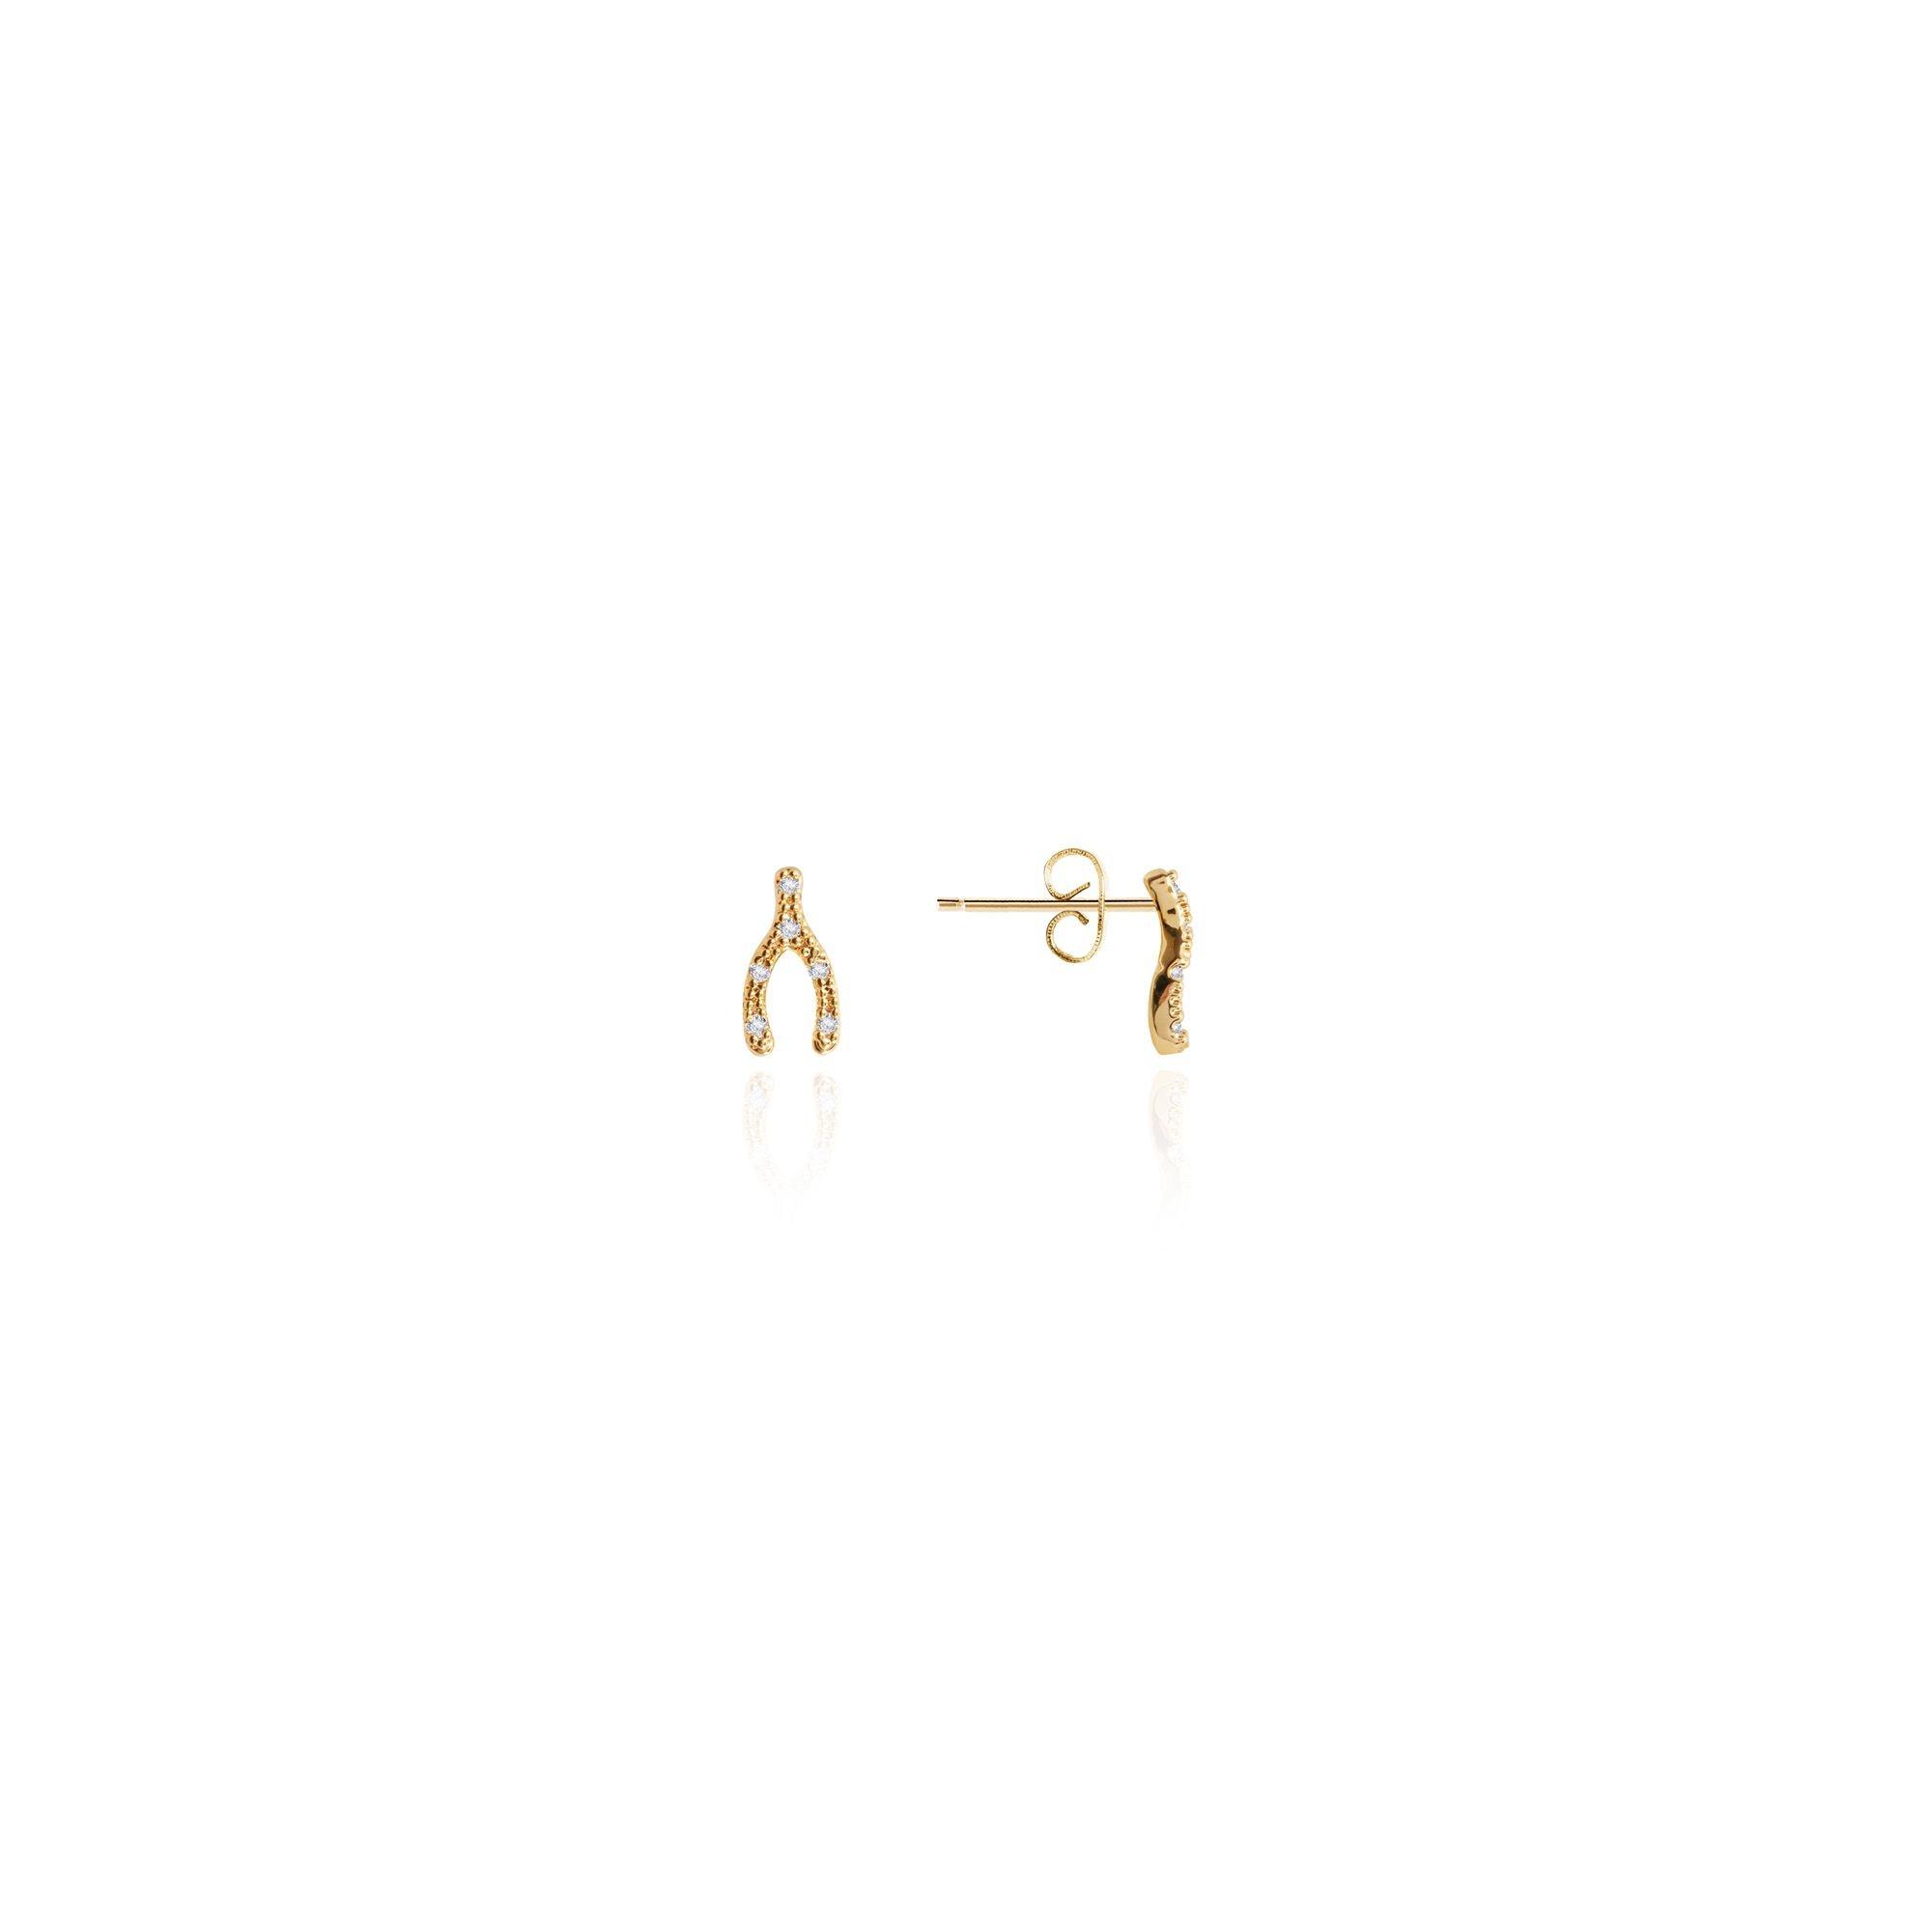 Joma Jewellery Sentiment Set - Make a Wish